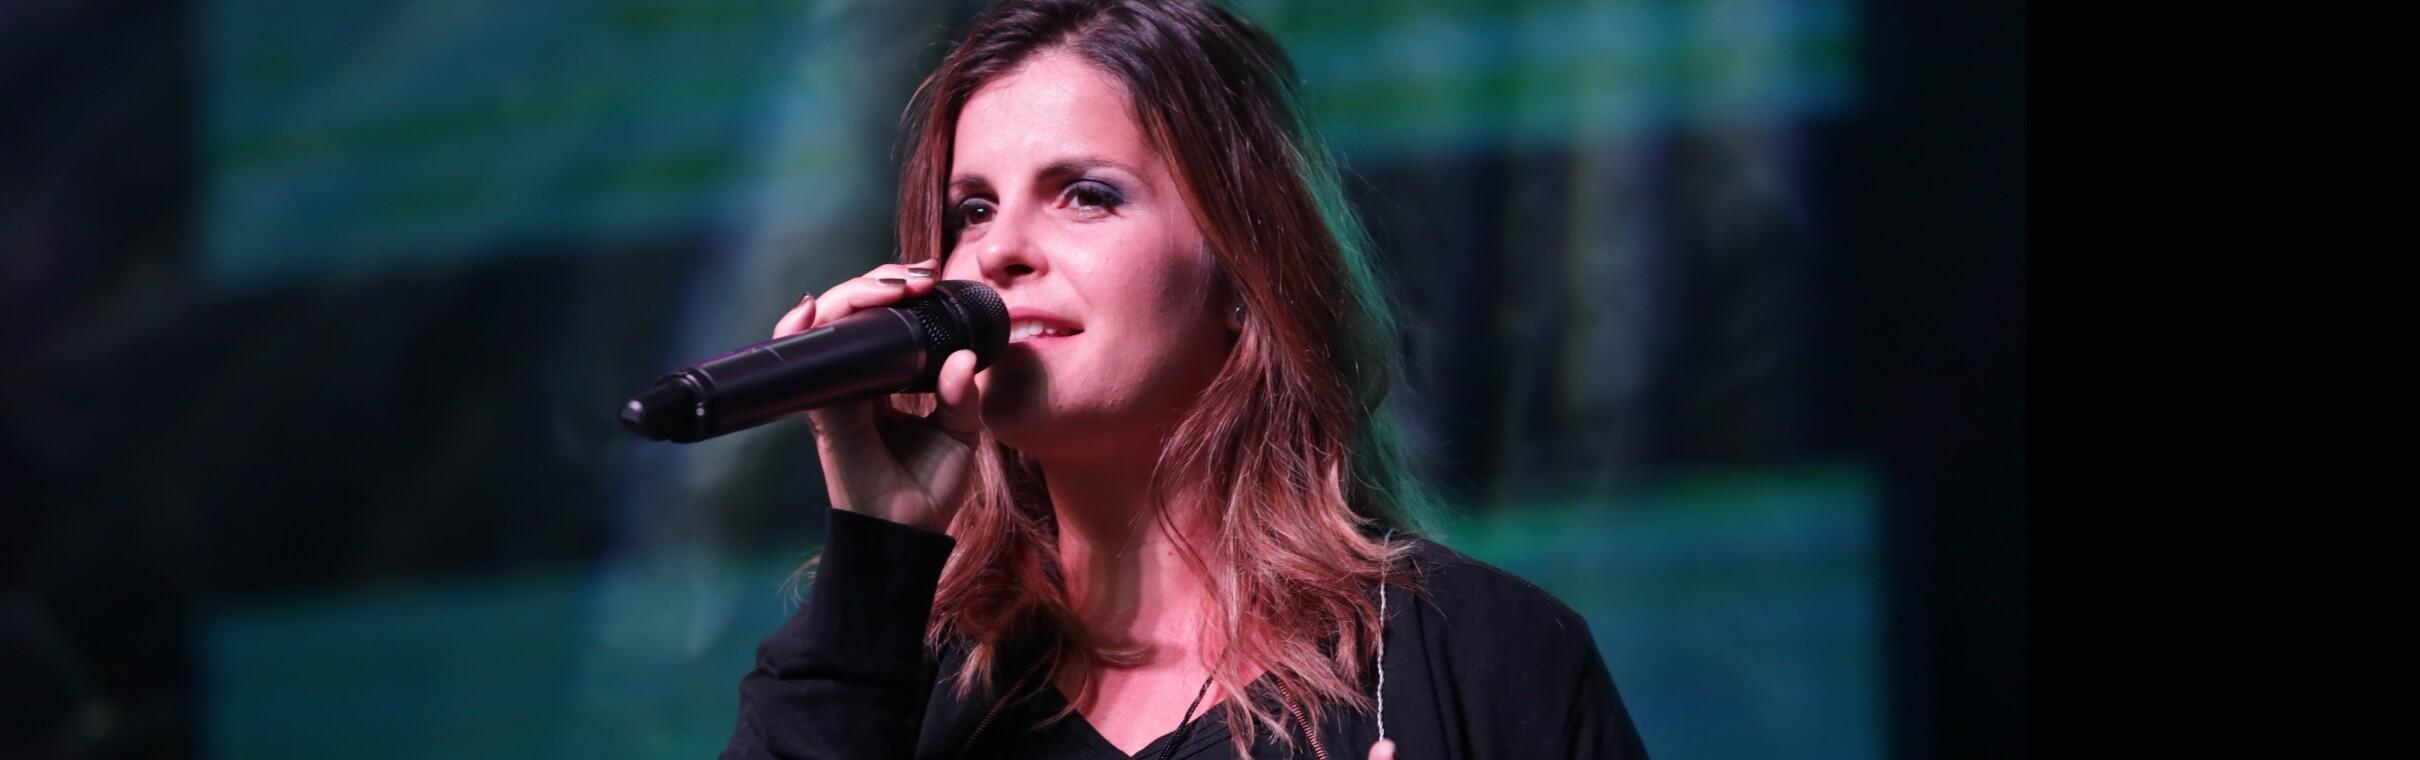 Raquel Kerr Borin